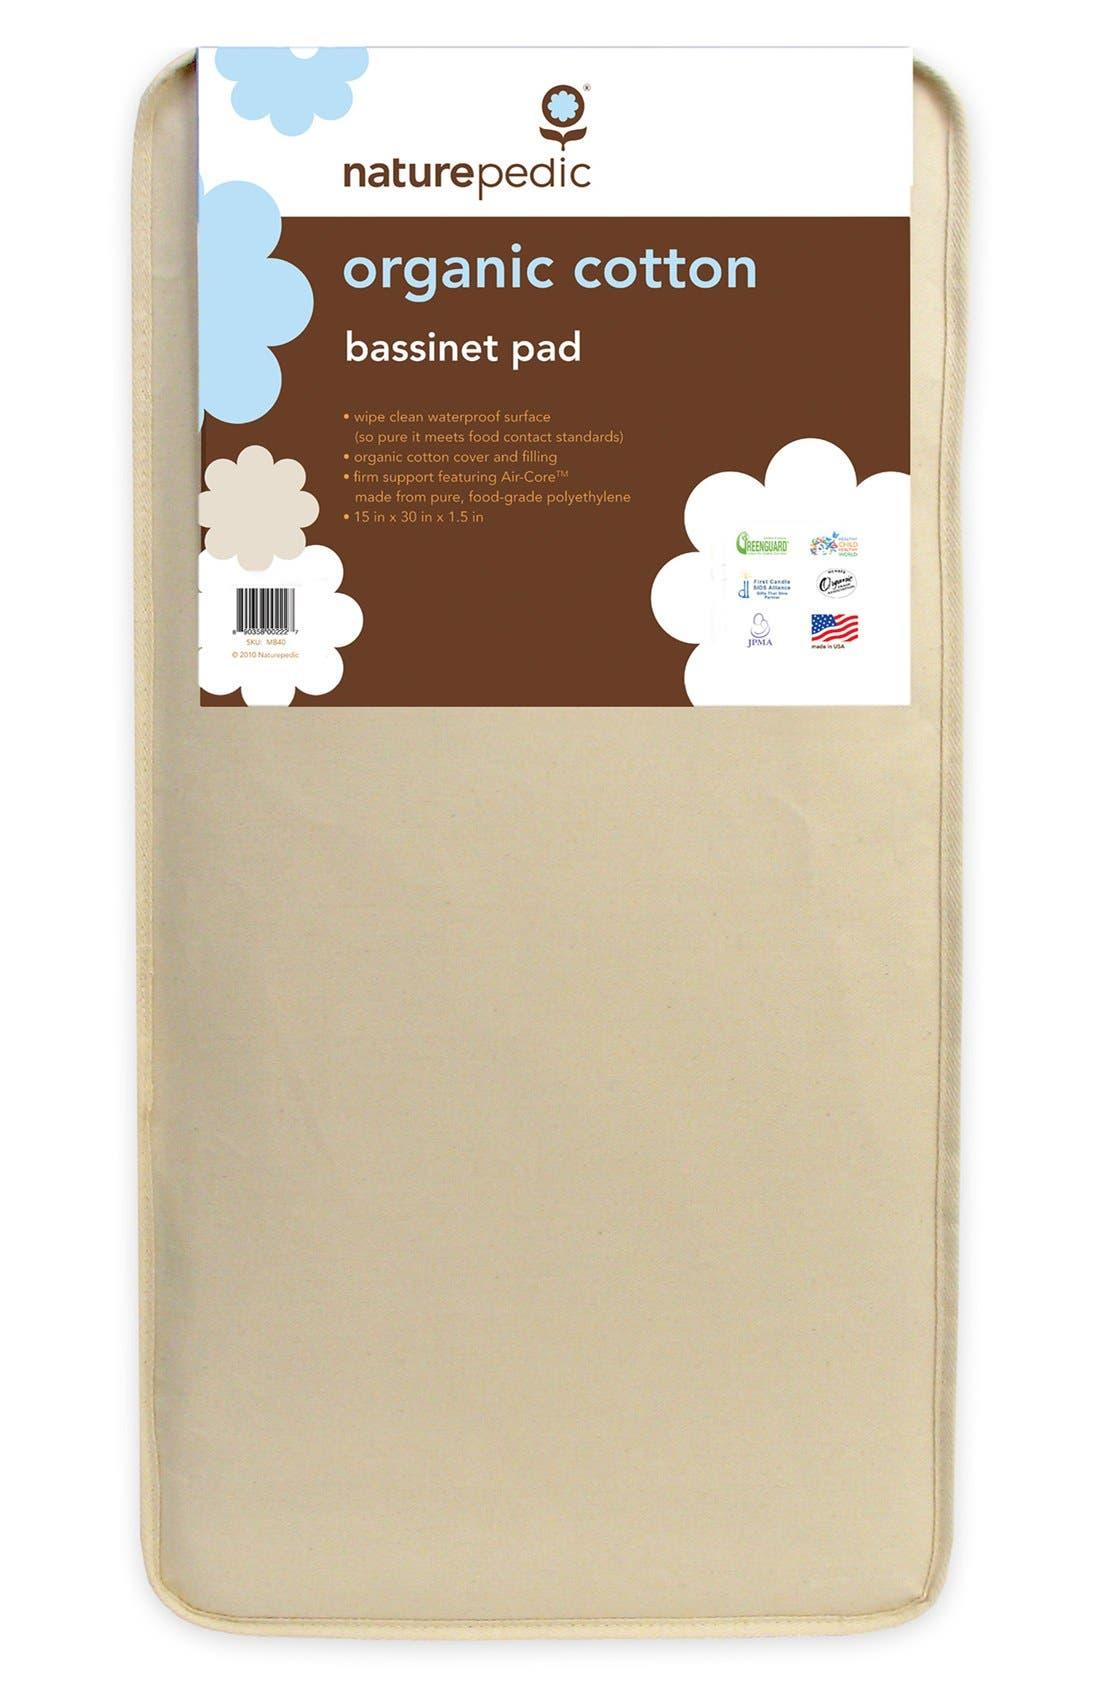 Naturepedic Organic Cotton Bassinet Pad